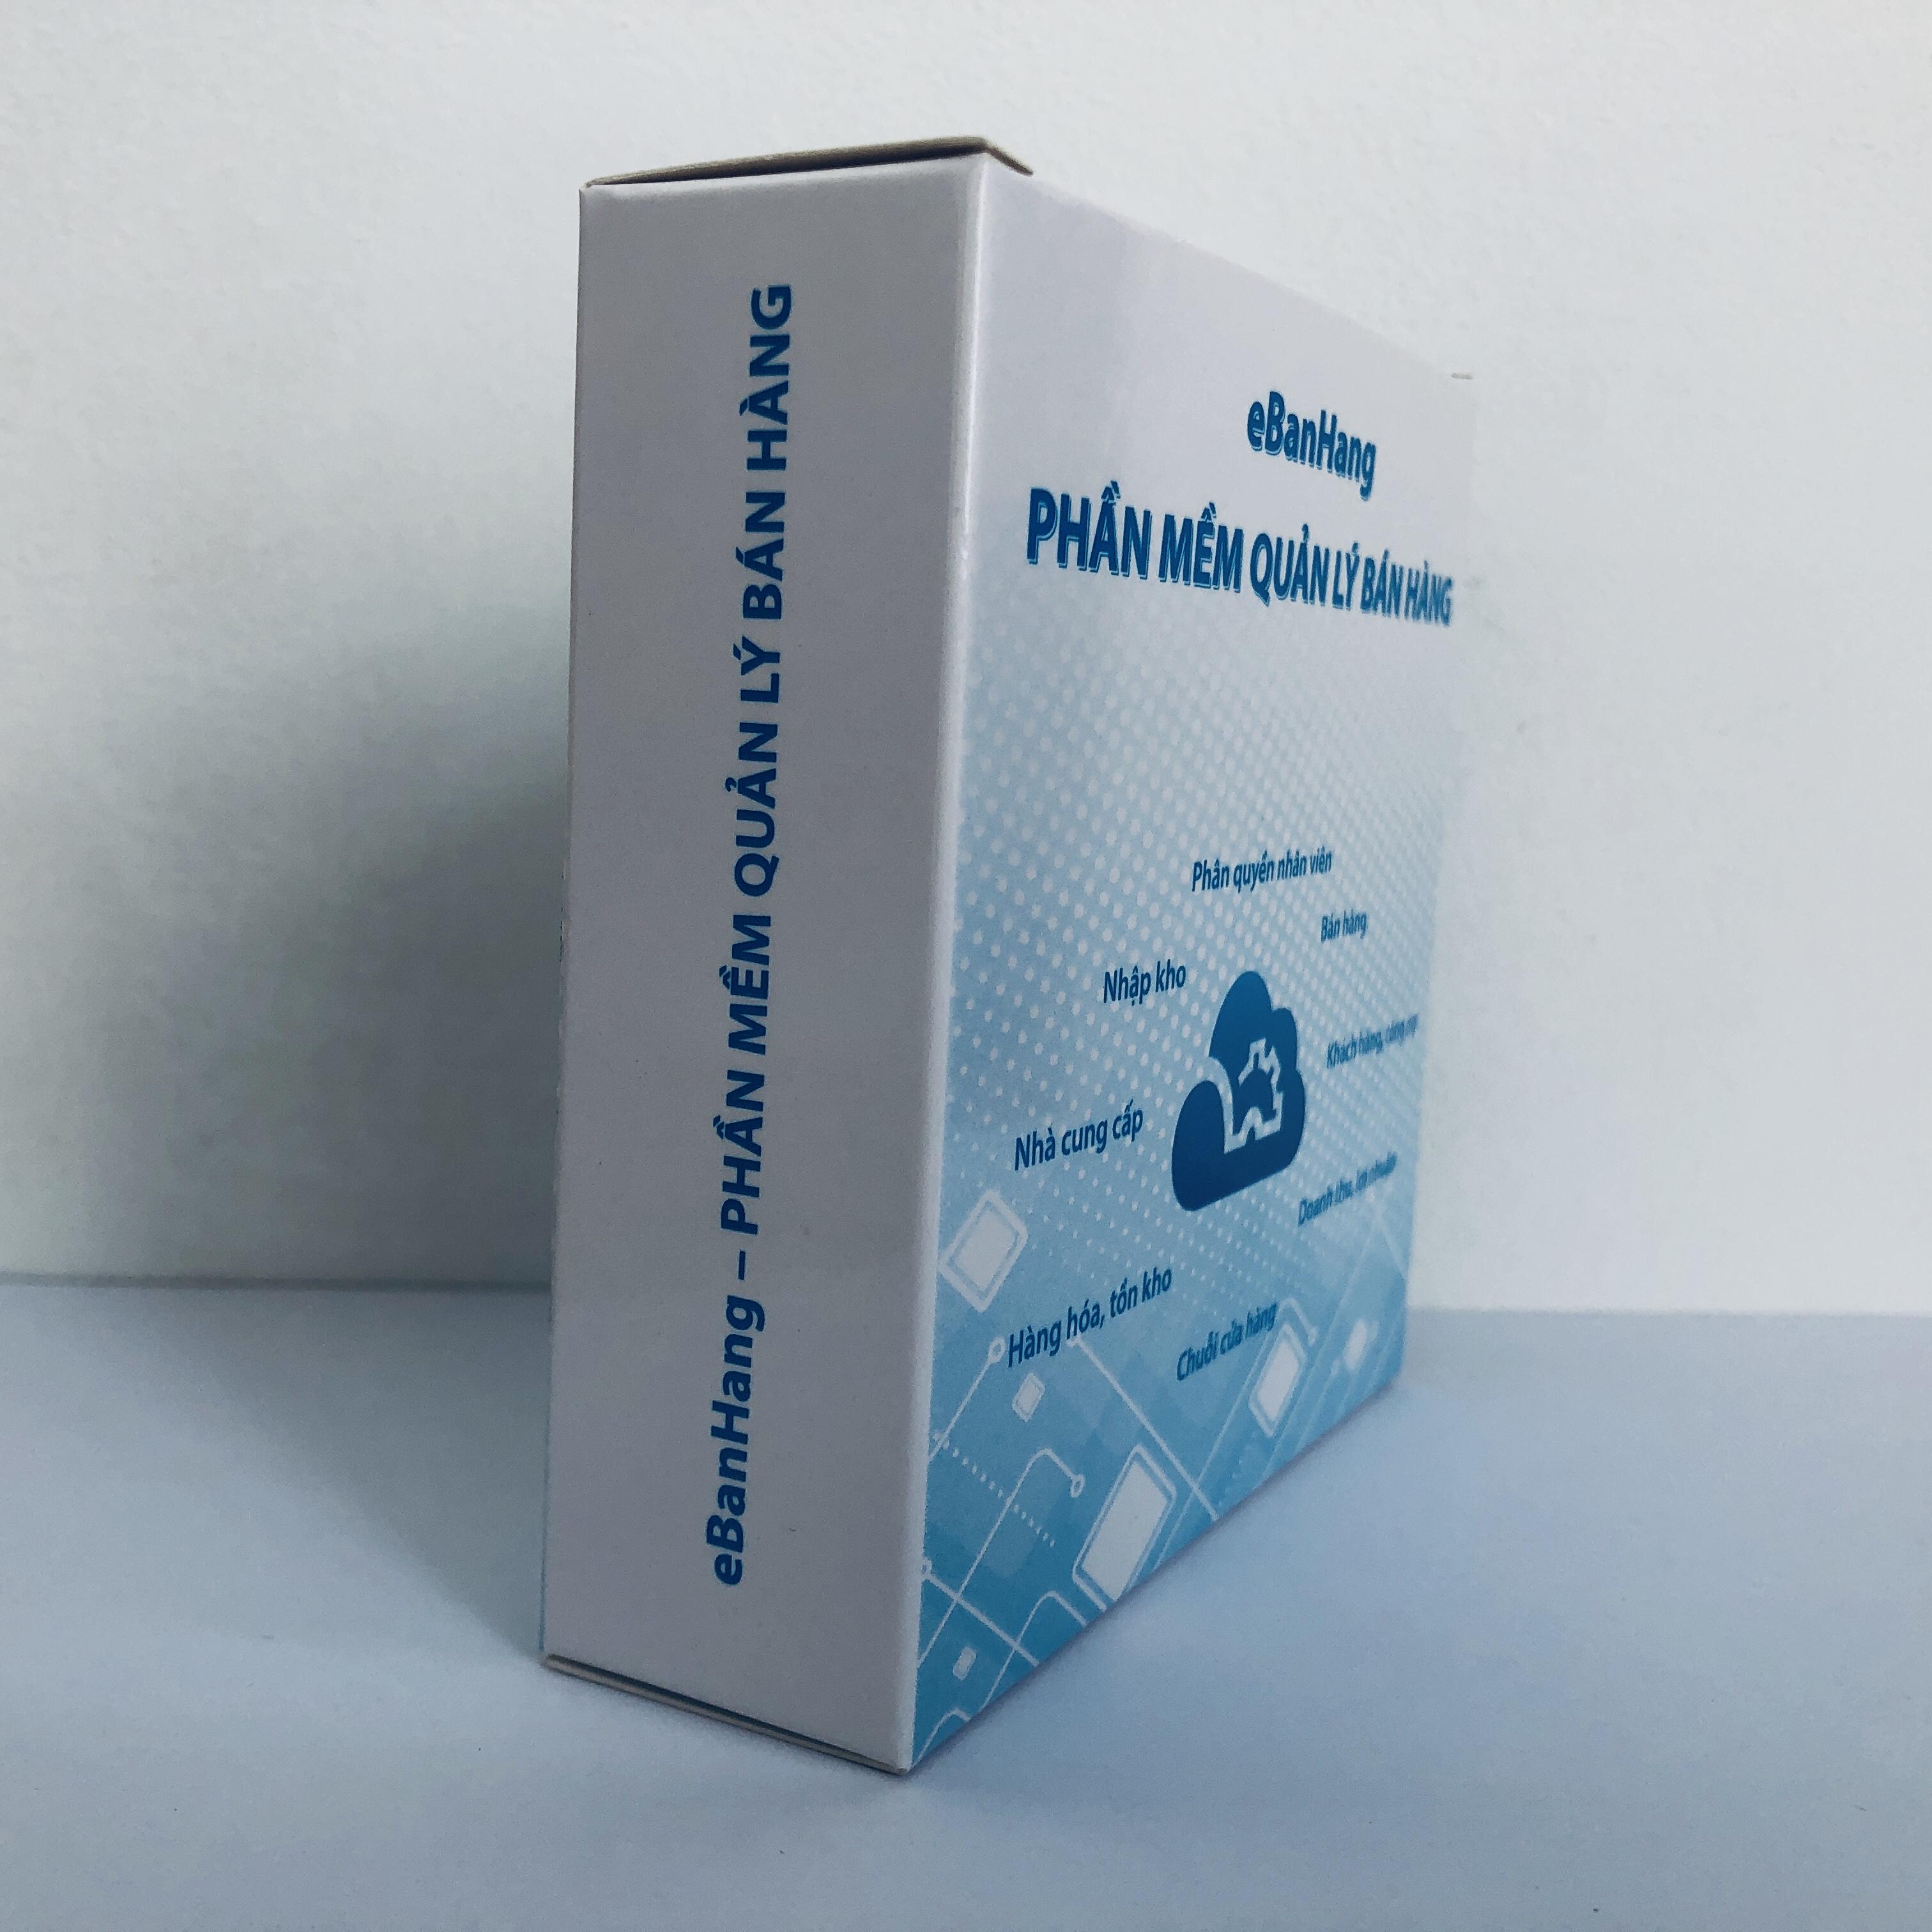 Phần mềm quản lý bán hàng eBanHang